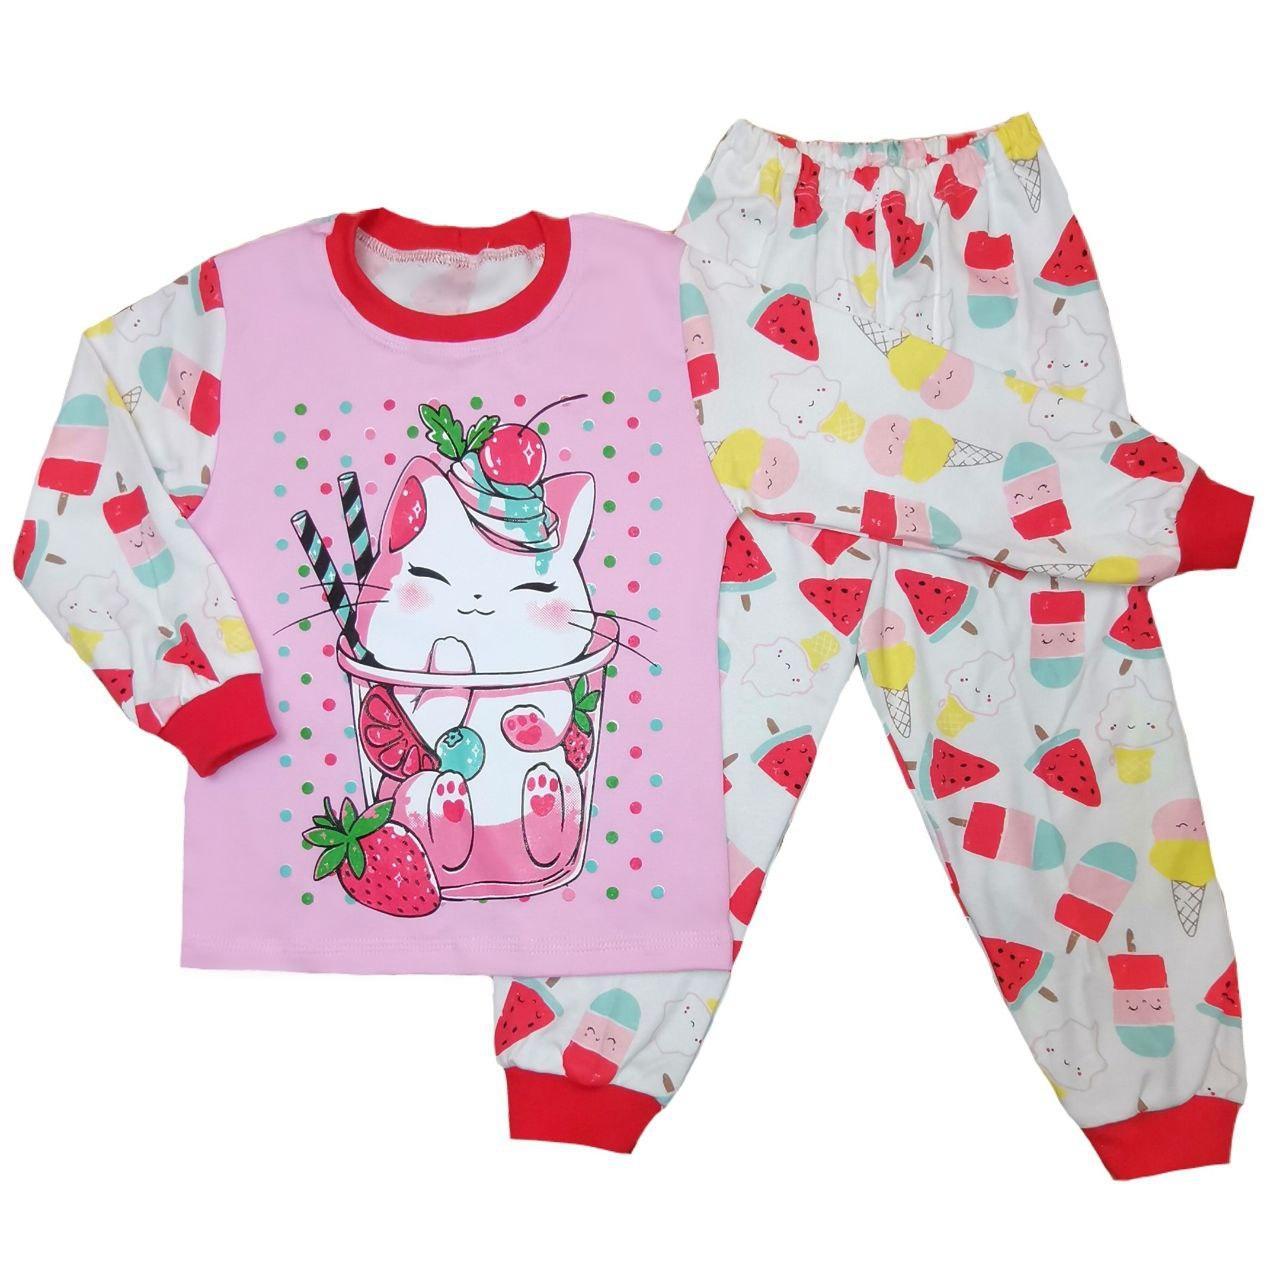 Дитяча піжама для дівчинки з принтом Cat інтерлок-піньє